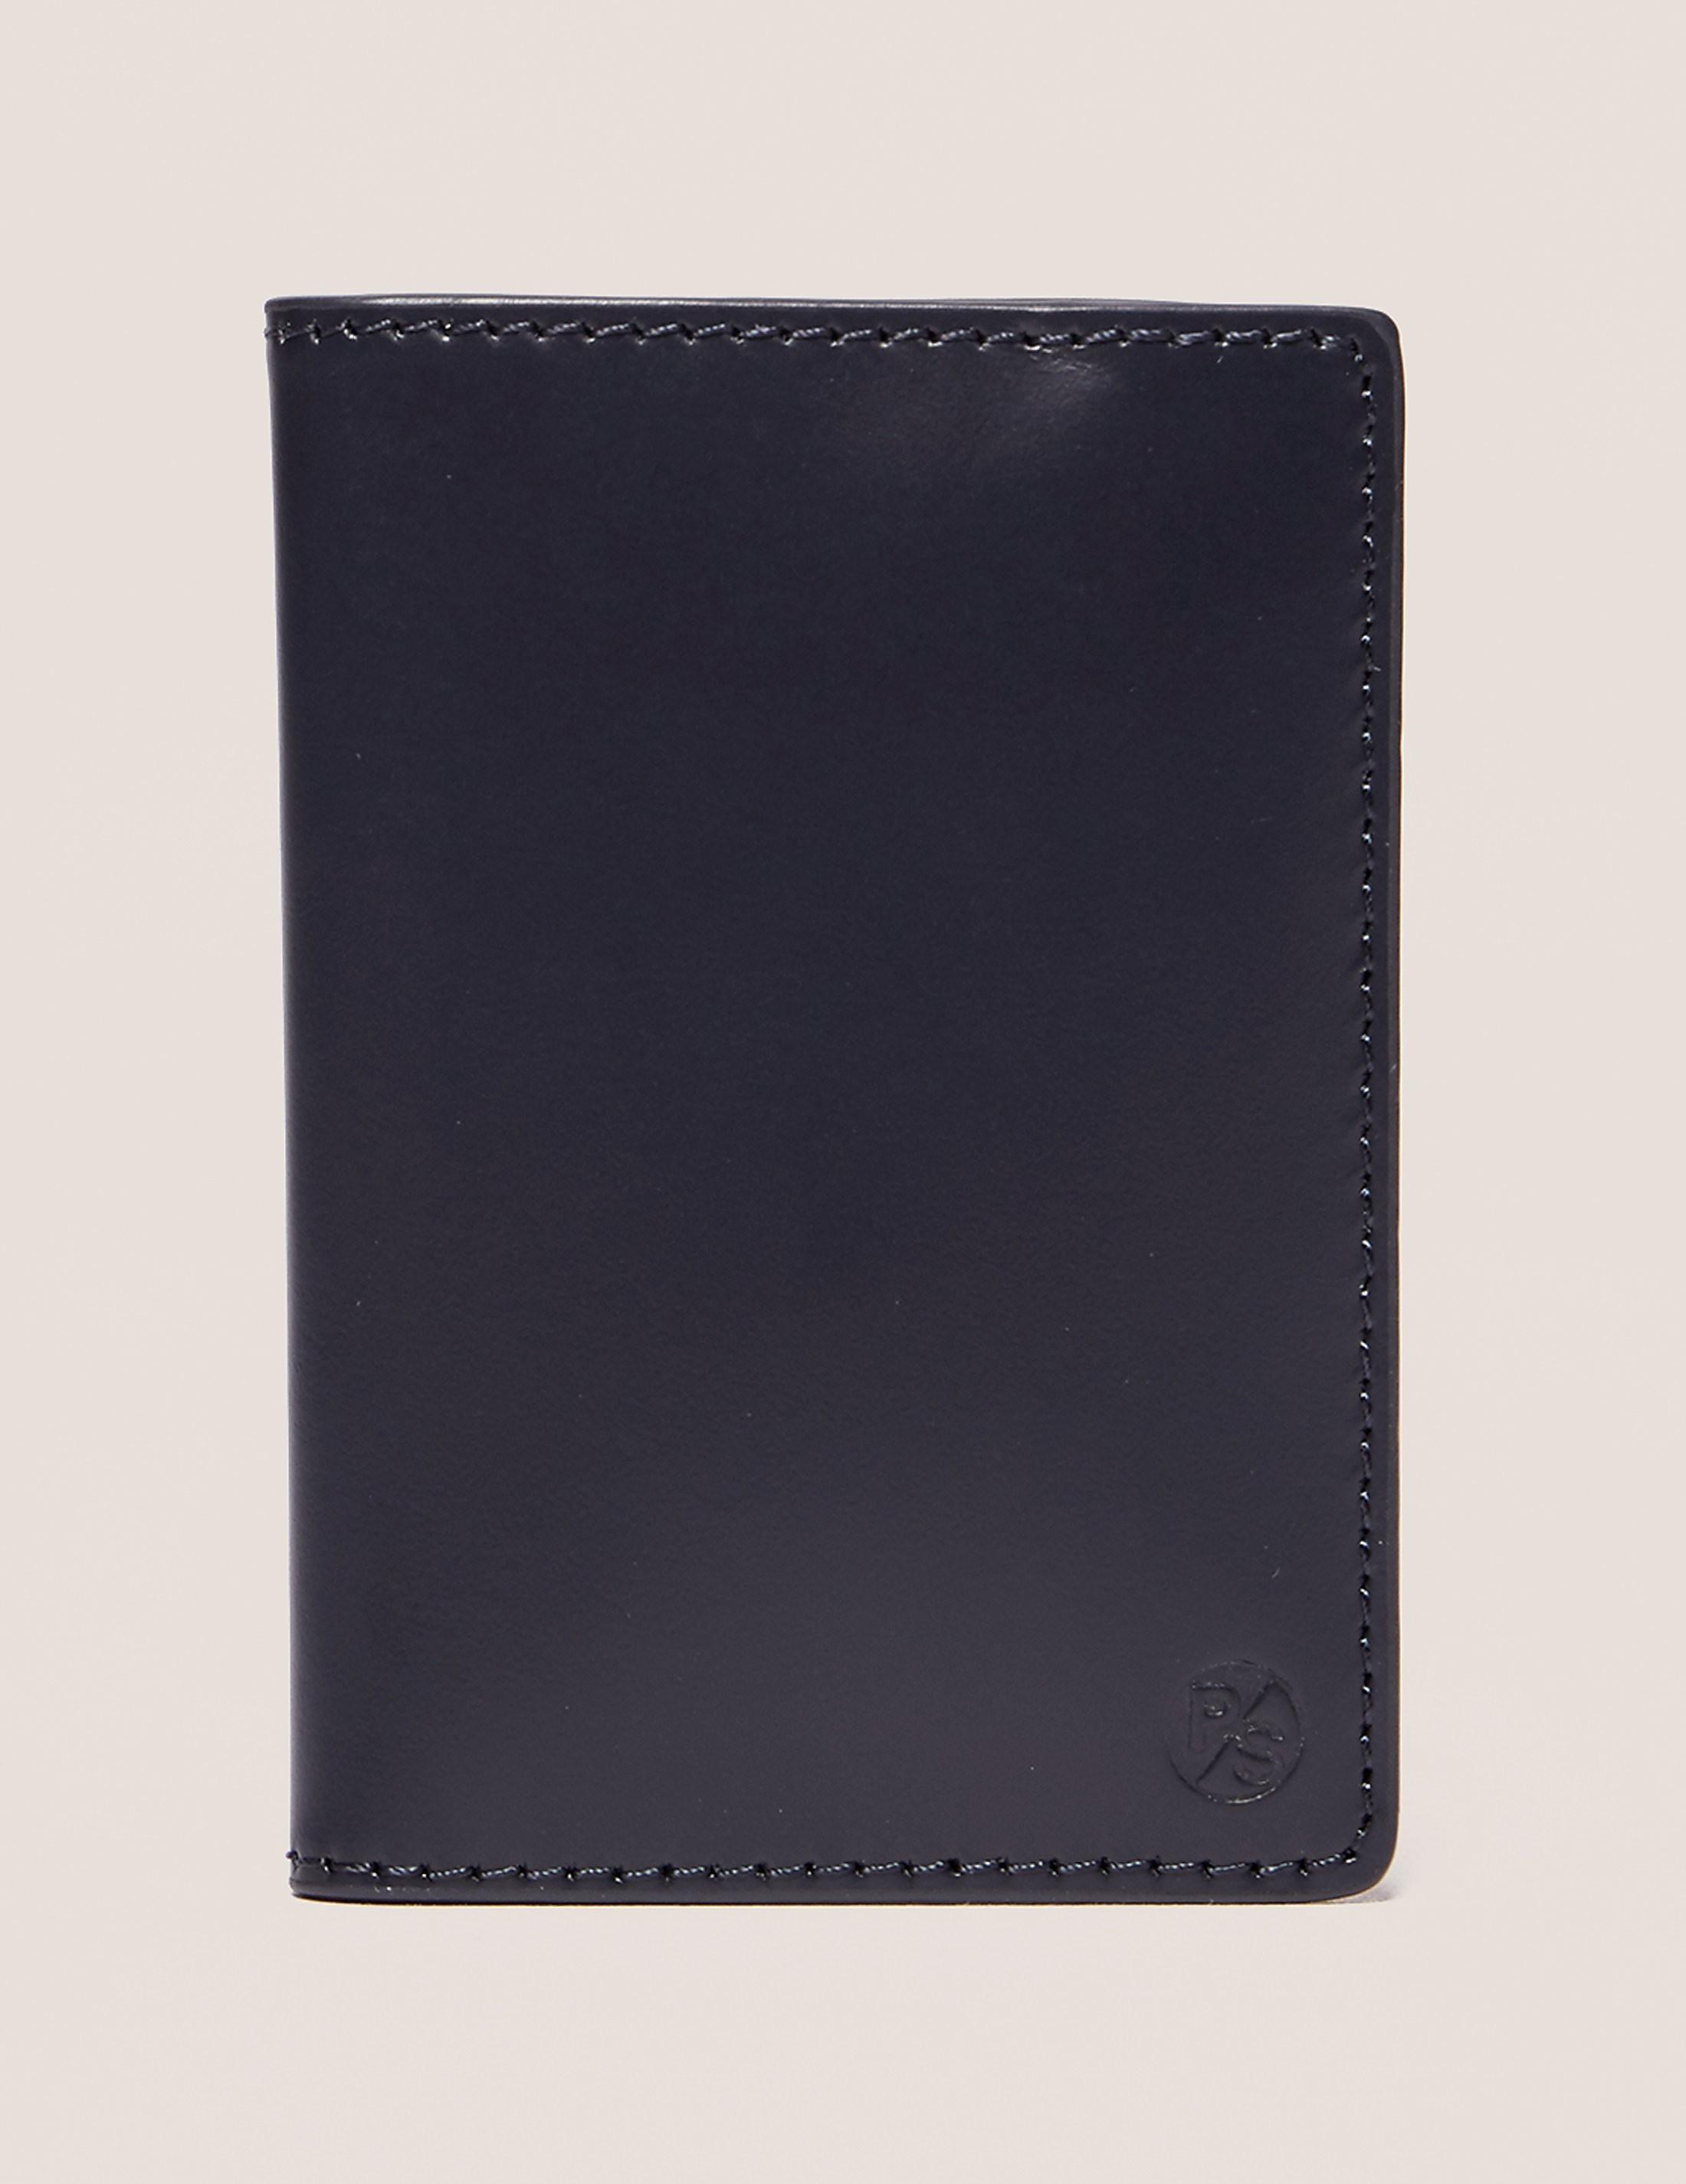 Paul Smith Union Jack Card Holder